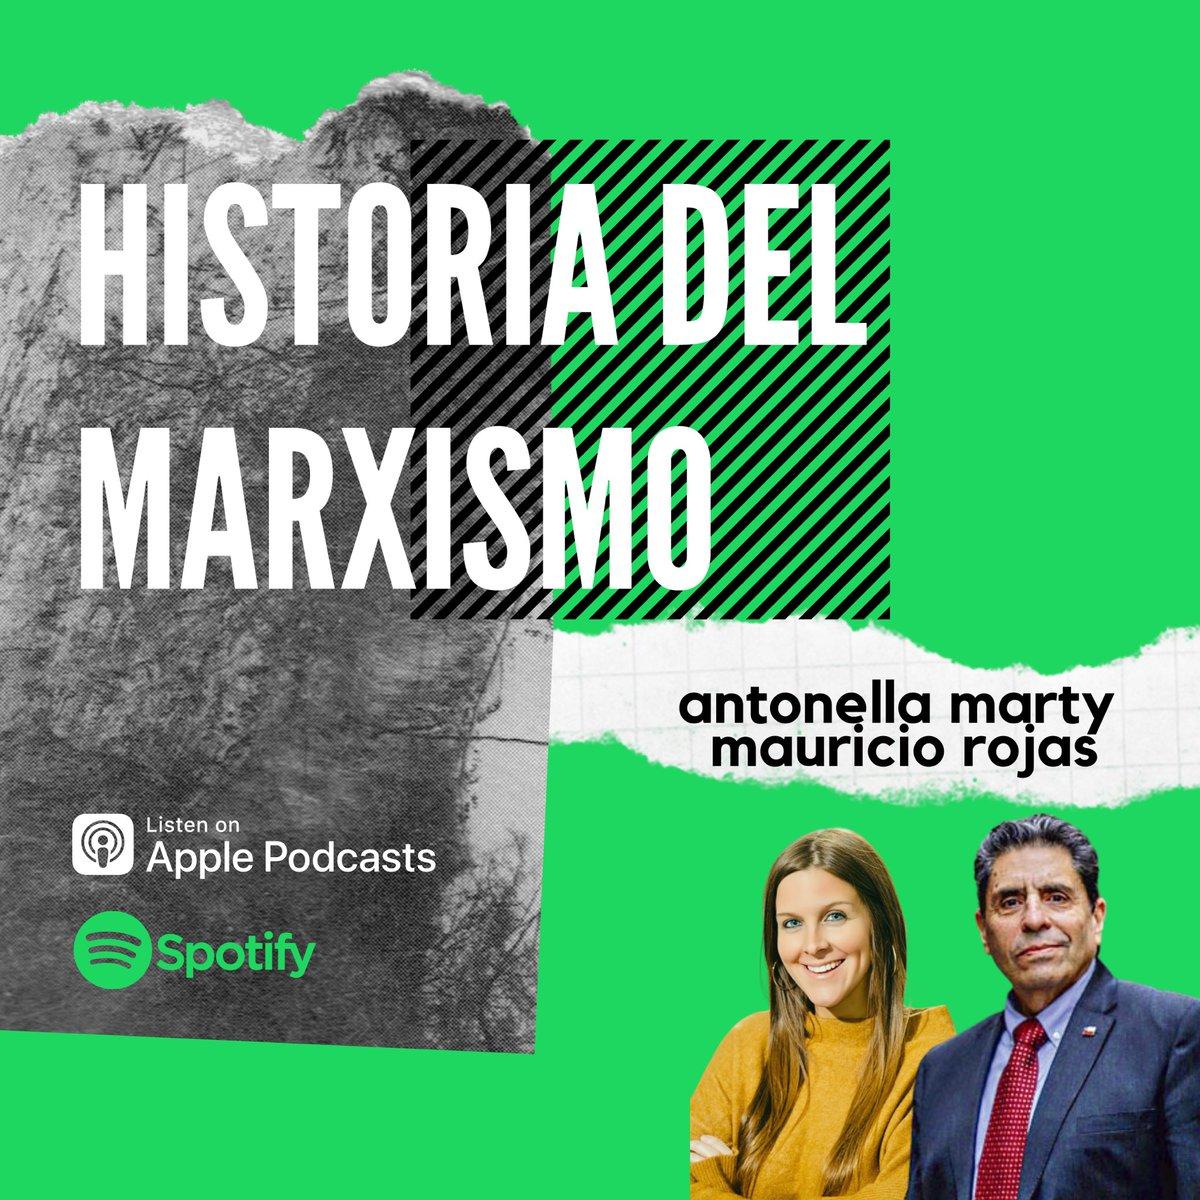 Los invito a escuchar este nuevo podcast que grabamos con @MauricioRojasmr sobre la historia del marxismo: conceptos, teoría y práctica. Imperdible. ¡Gracias, Mauricio, por estos 35 minutos de repaso!  Link: https://t.co/oL06mmLkRU  #comunismo #marxismo #marx #engels https://t.co/SLVYv0aSXF